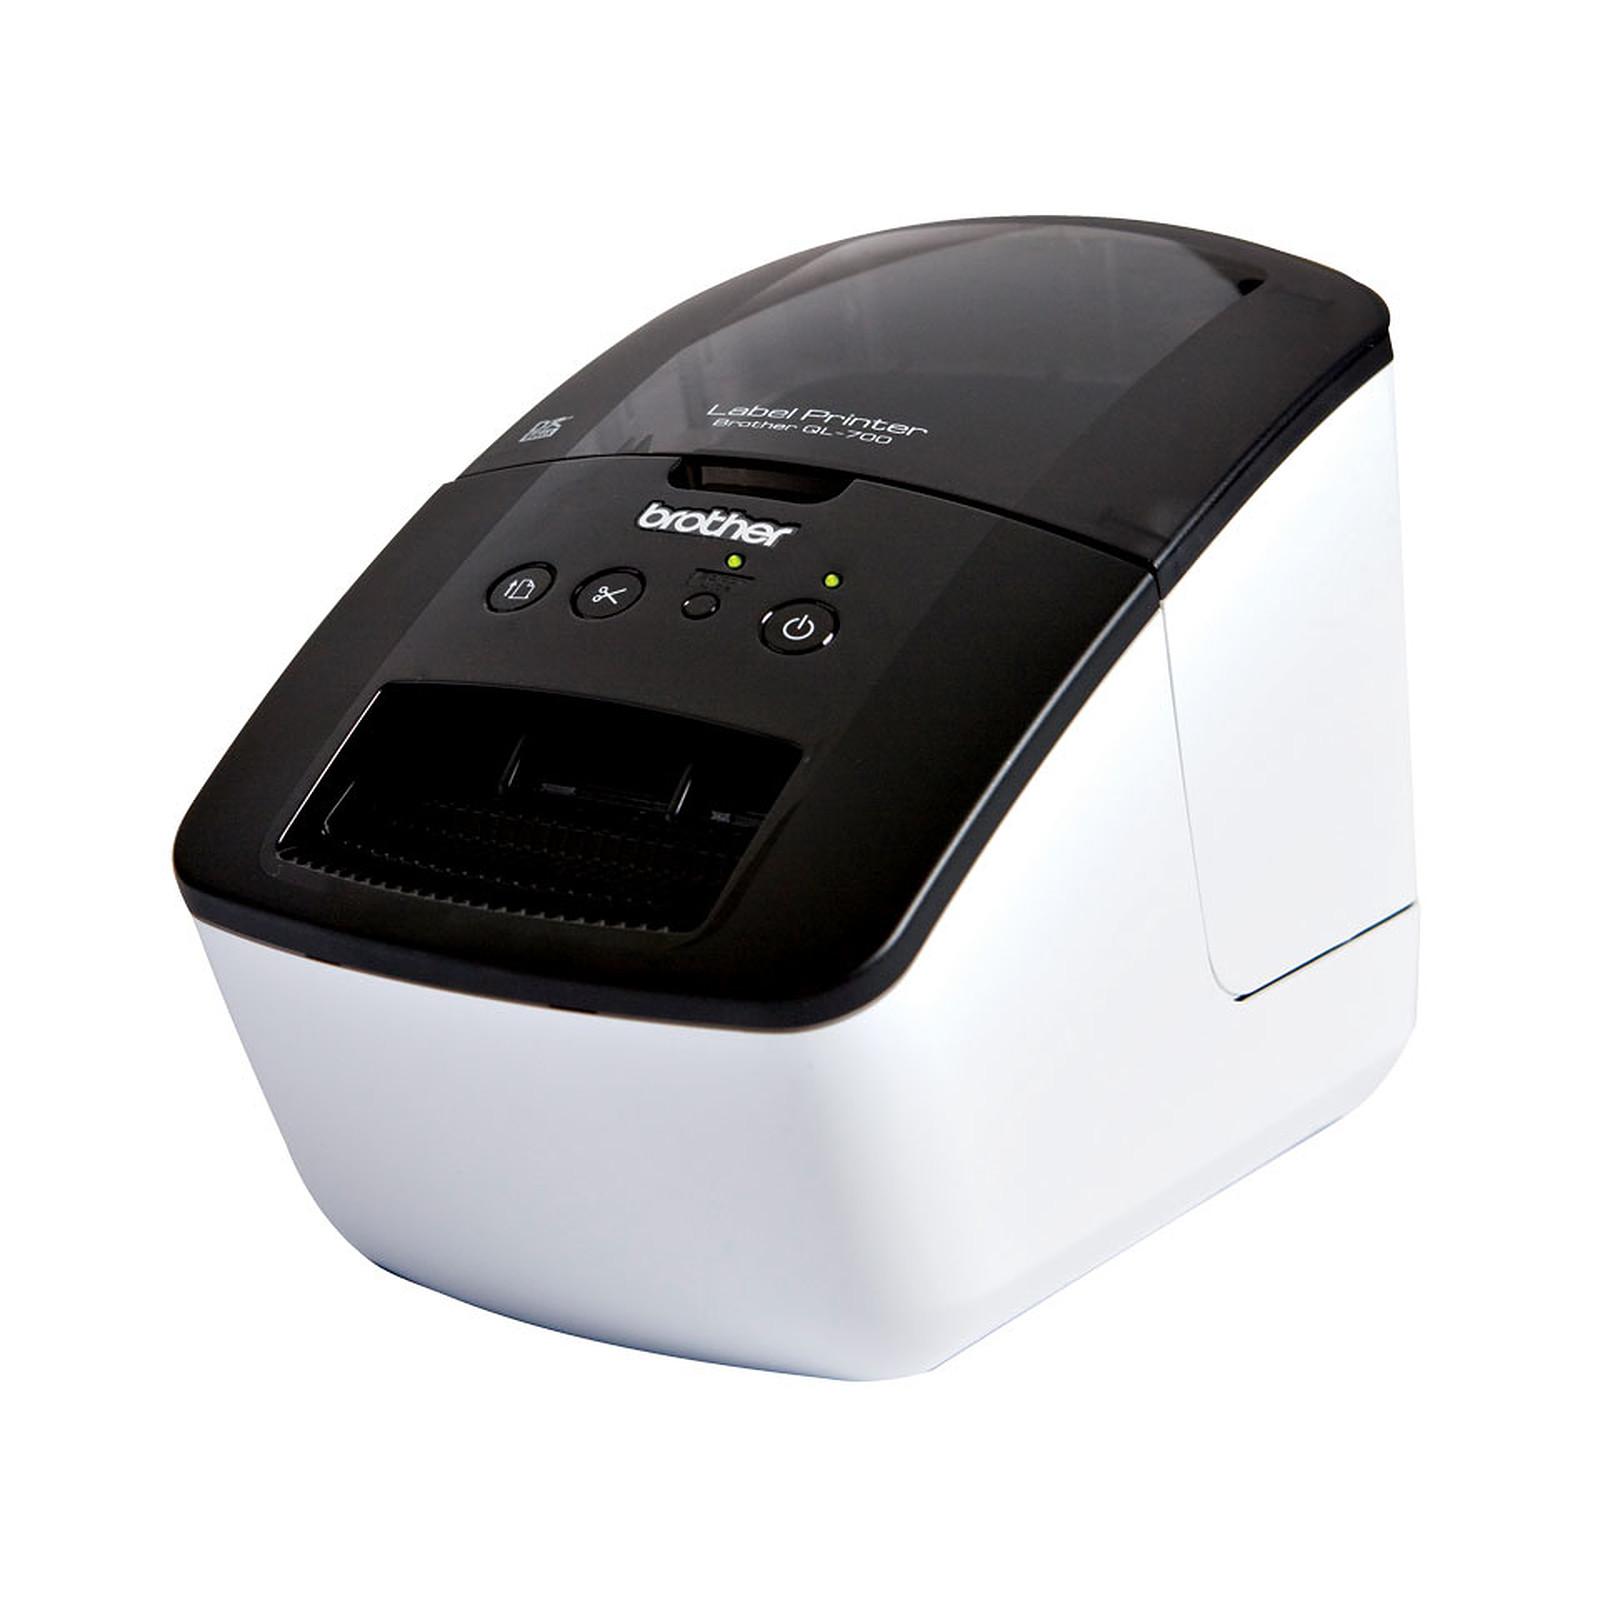 Imprimante thermique à étiquettes Brother QL-700 en USB pour MAC, Windows et Linux, Informatique Réunion 974